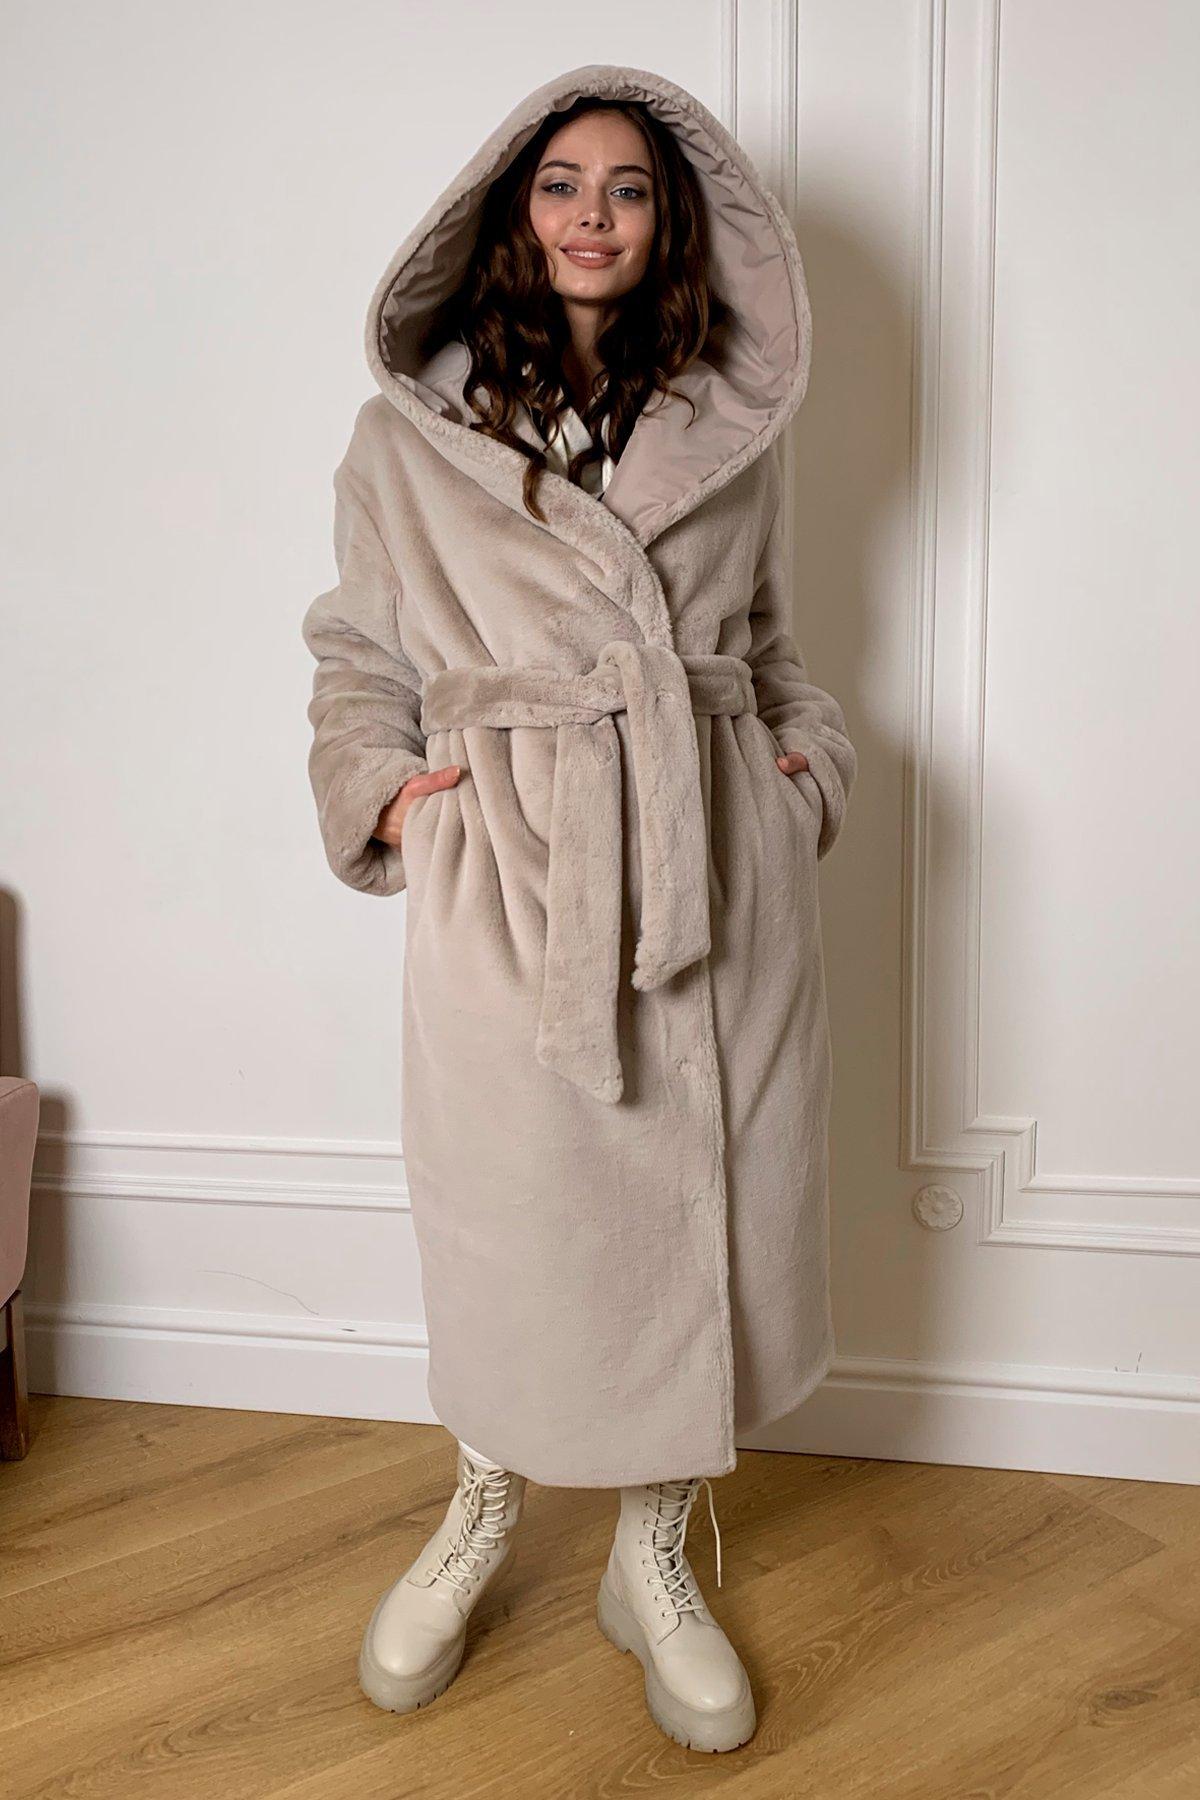 Сноу  теплое двухстороннее пальто из  еко меха и плотной  плащевки 9956 АРТ. 46668 Цвет: Св.серый/бежевый511 - фото 5, интернет магазин tm-modus.ru